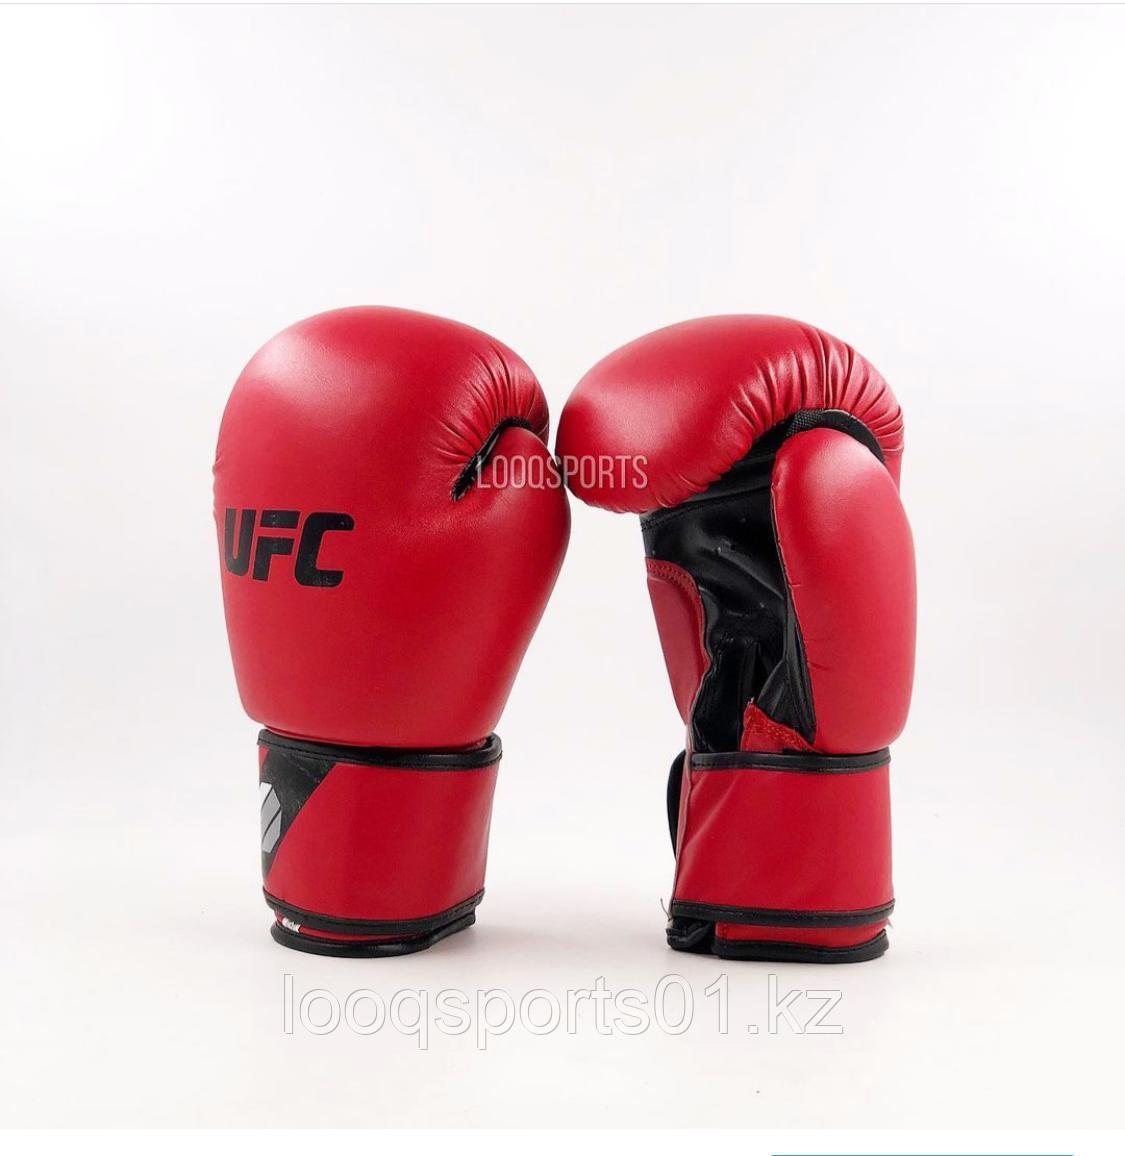 Боксерские перчатки UFC (размер 8)